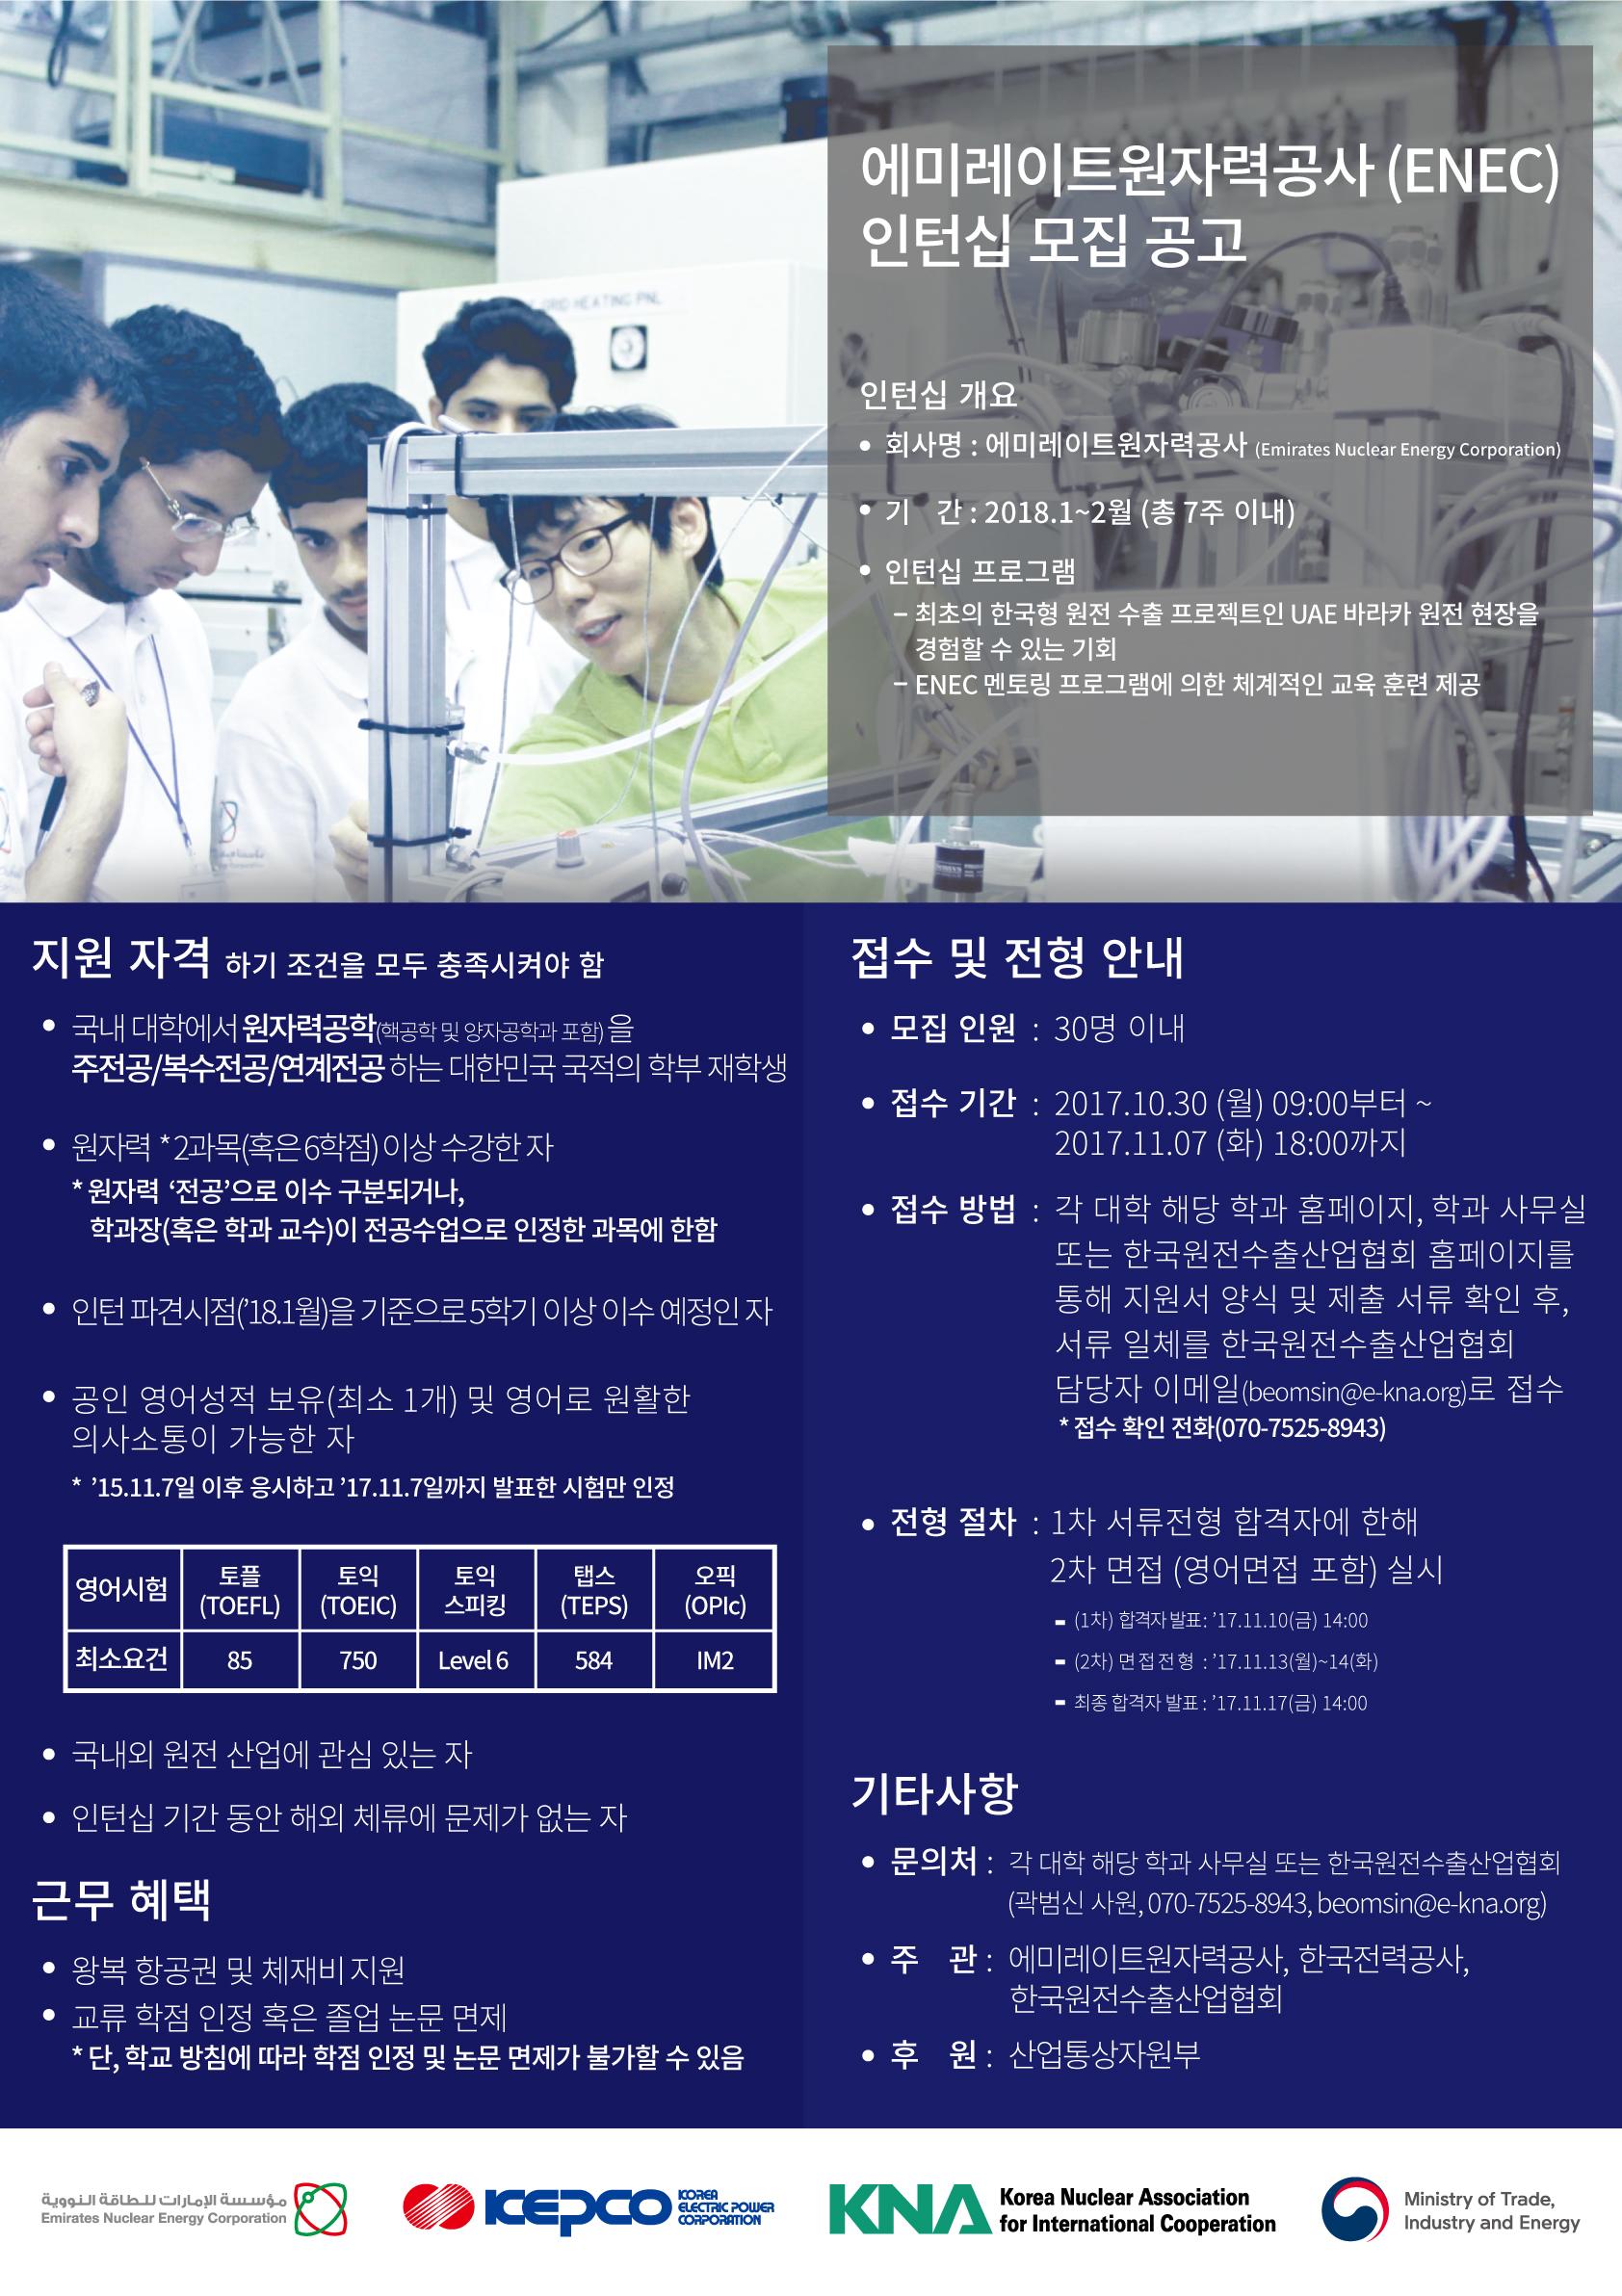 한국원전수출협회 국문포스터.jpg